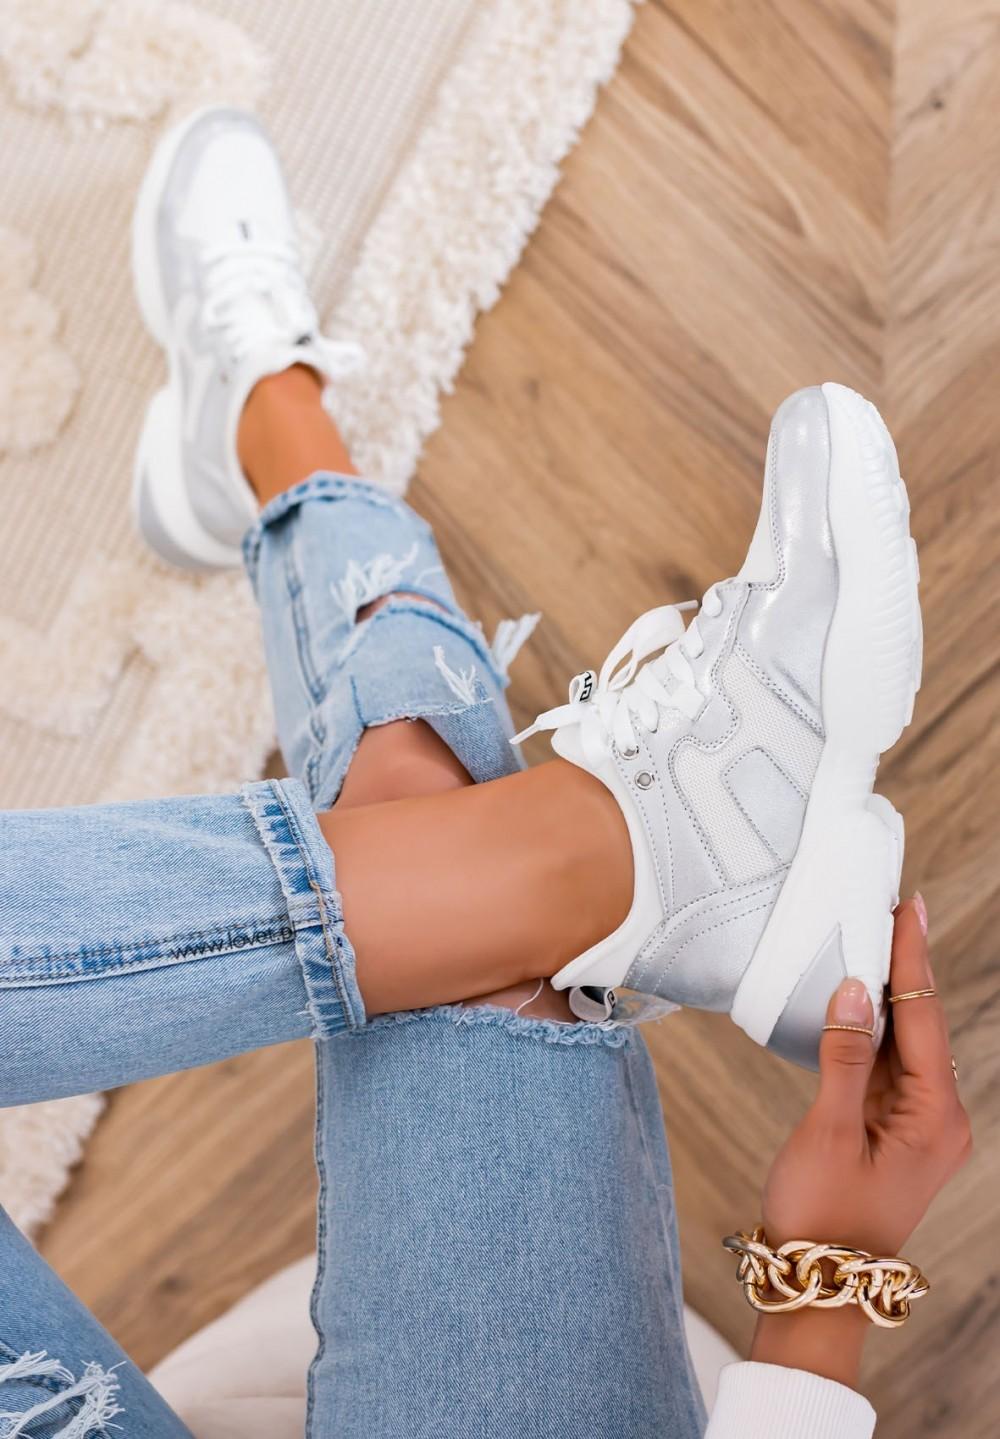 Trampki Sneakersy Sportowe Białe Vienna